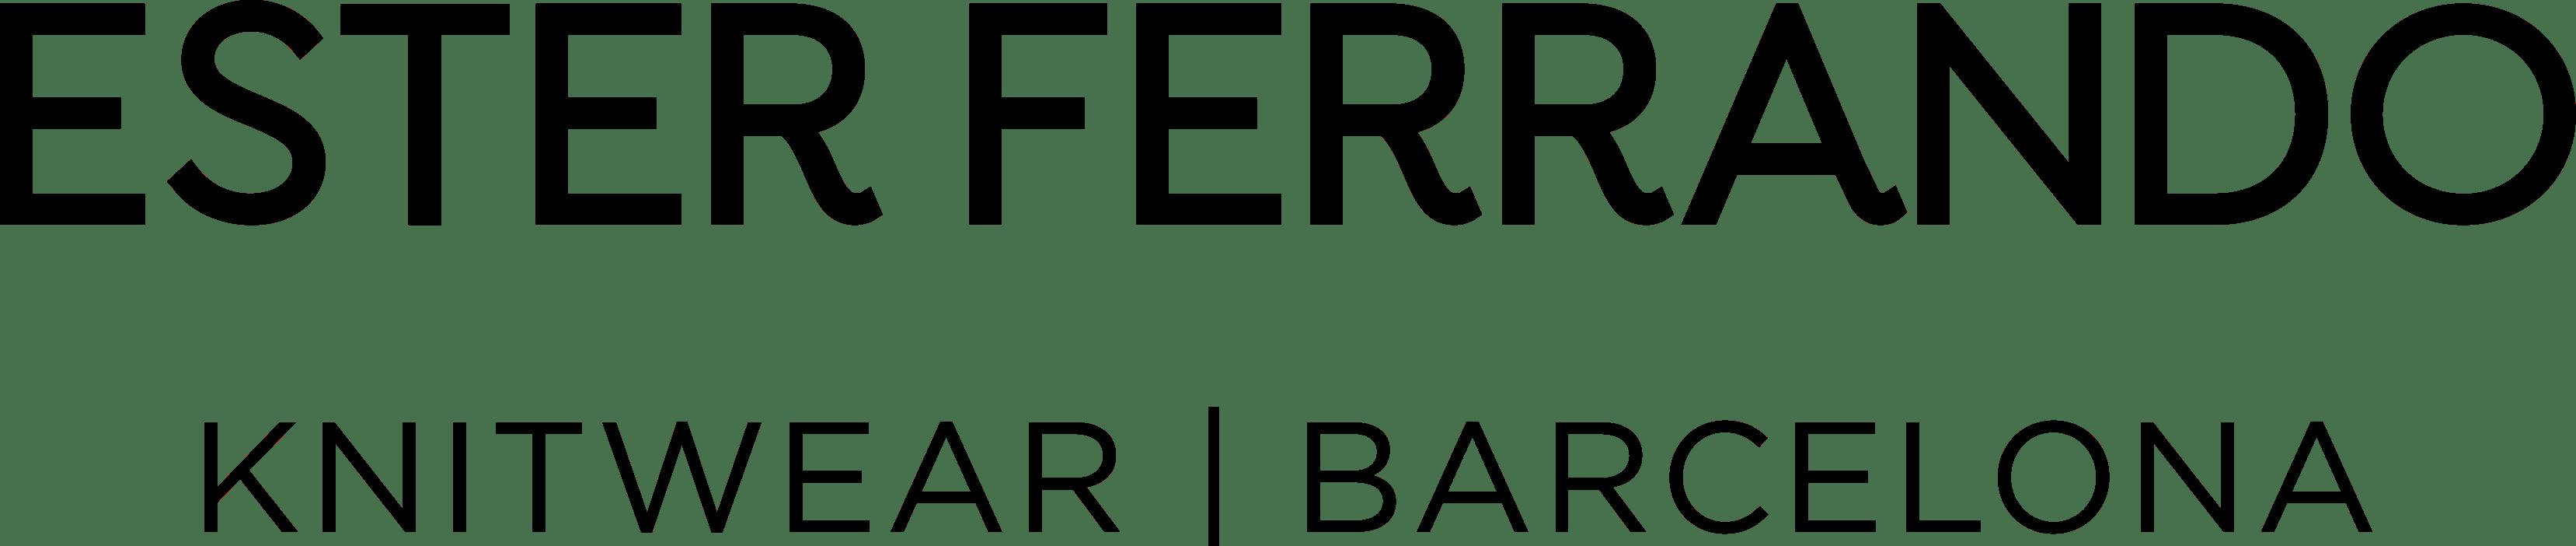 Ester Ferrando – Knitwear | Barcelona